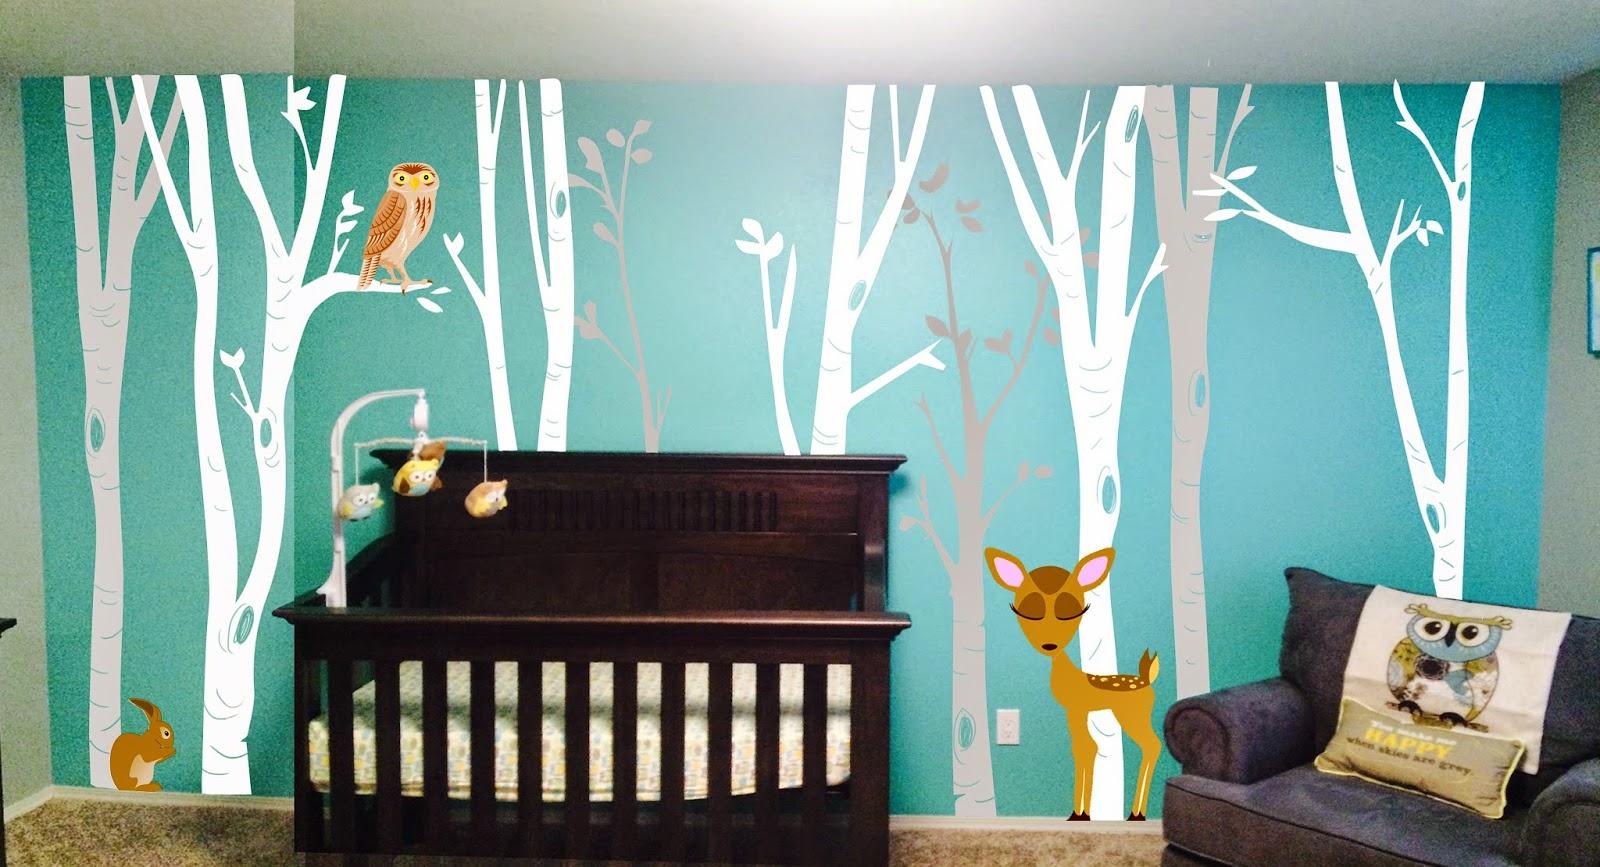 nursery mural portland oregon, portland muralist, trees and owl baby room mural, baby nursery mural